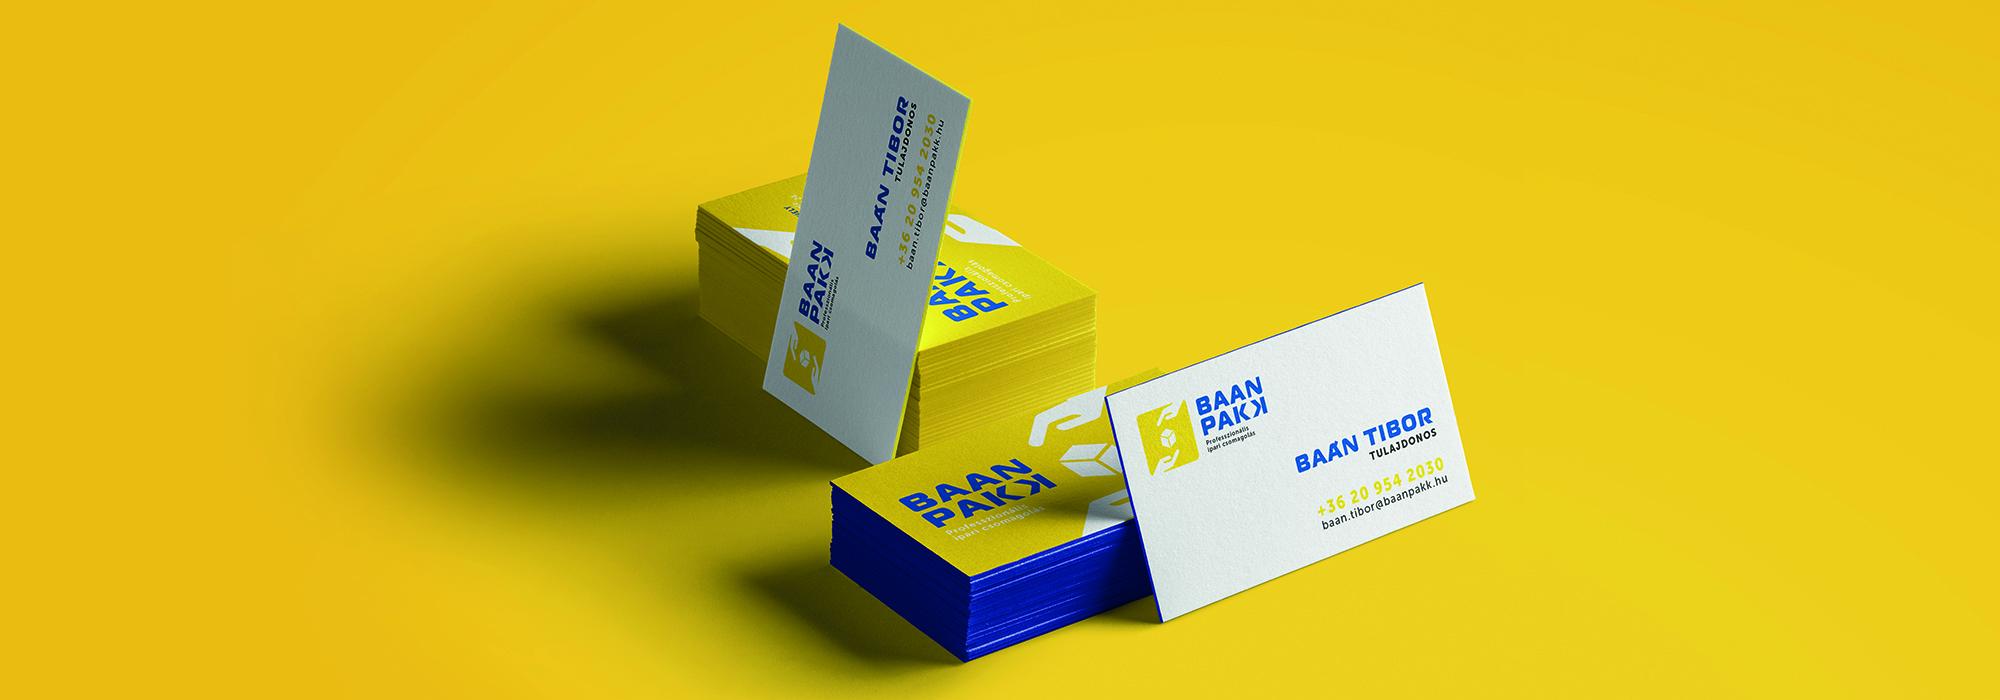 BAÁN PAKK rebranding